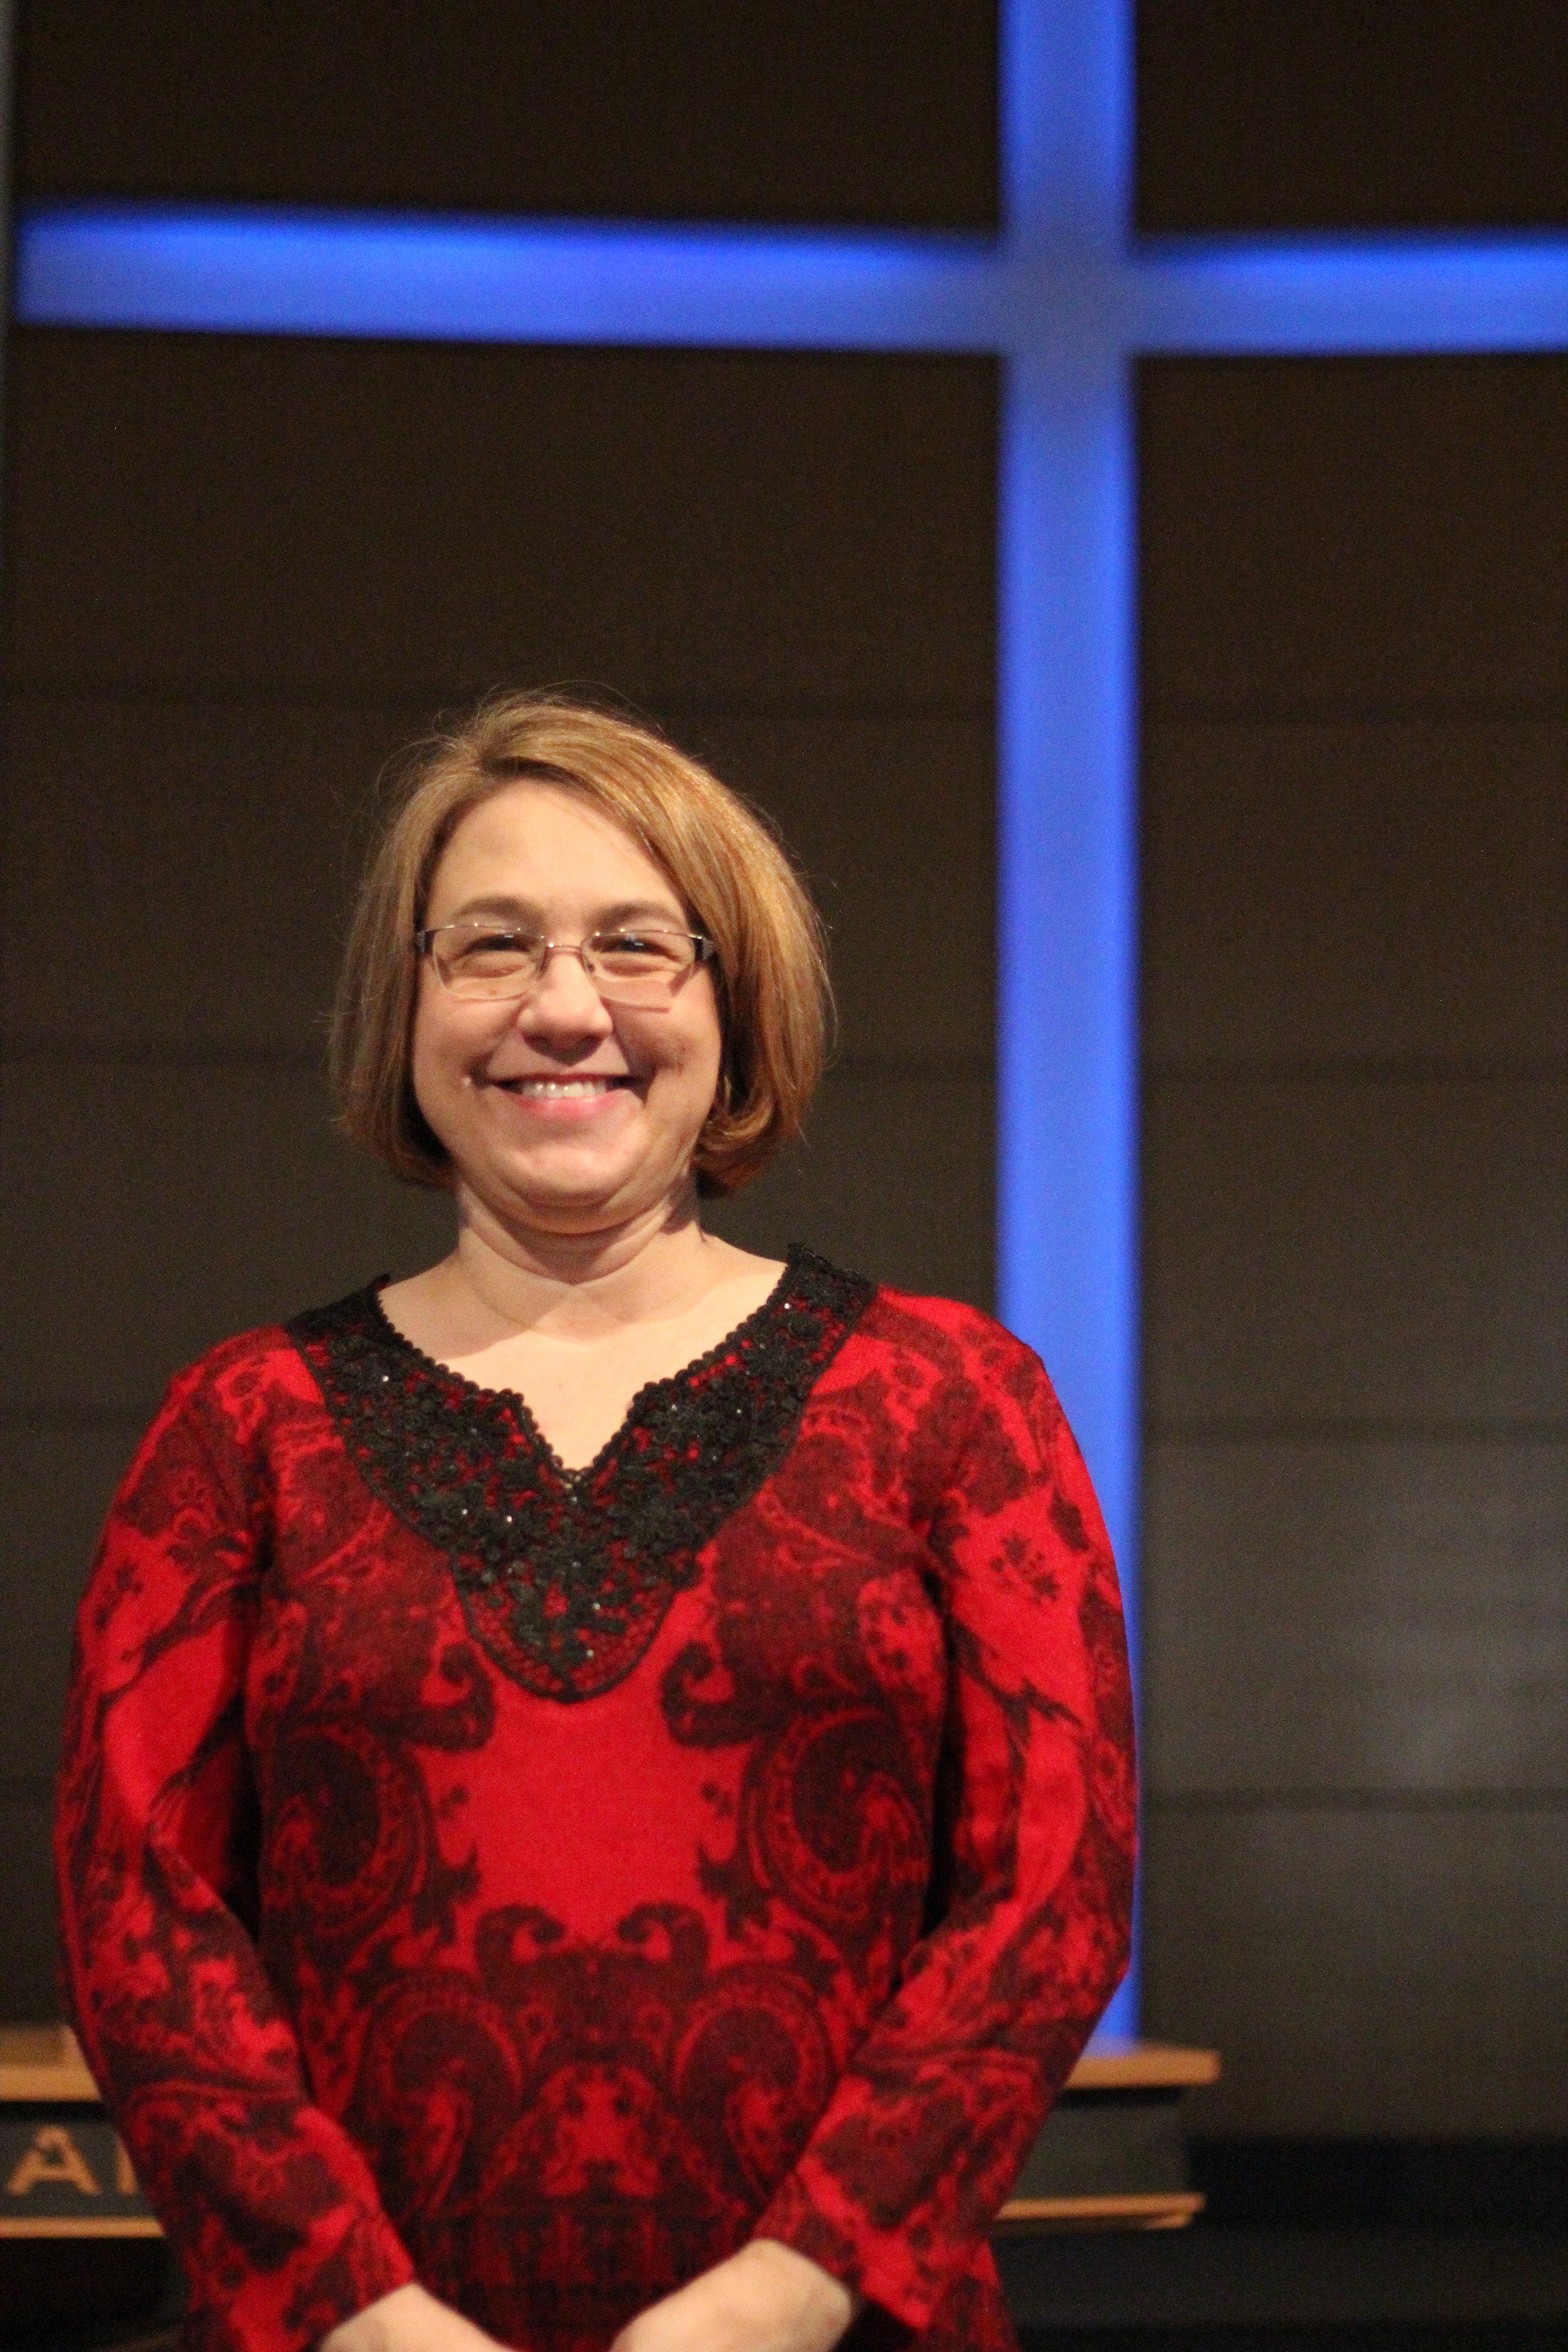 Lisa Lewis - Accompanist